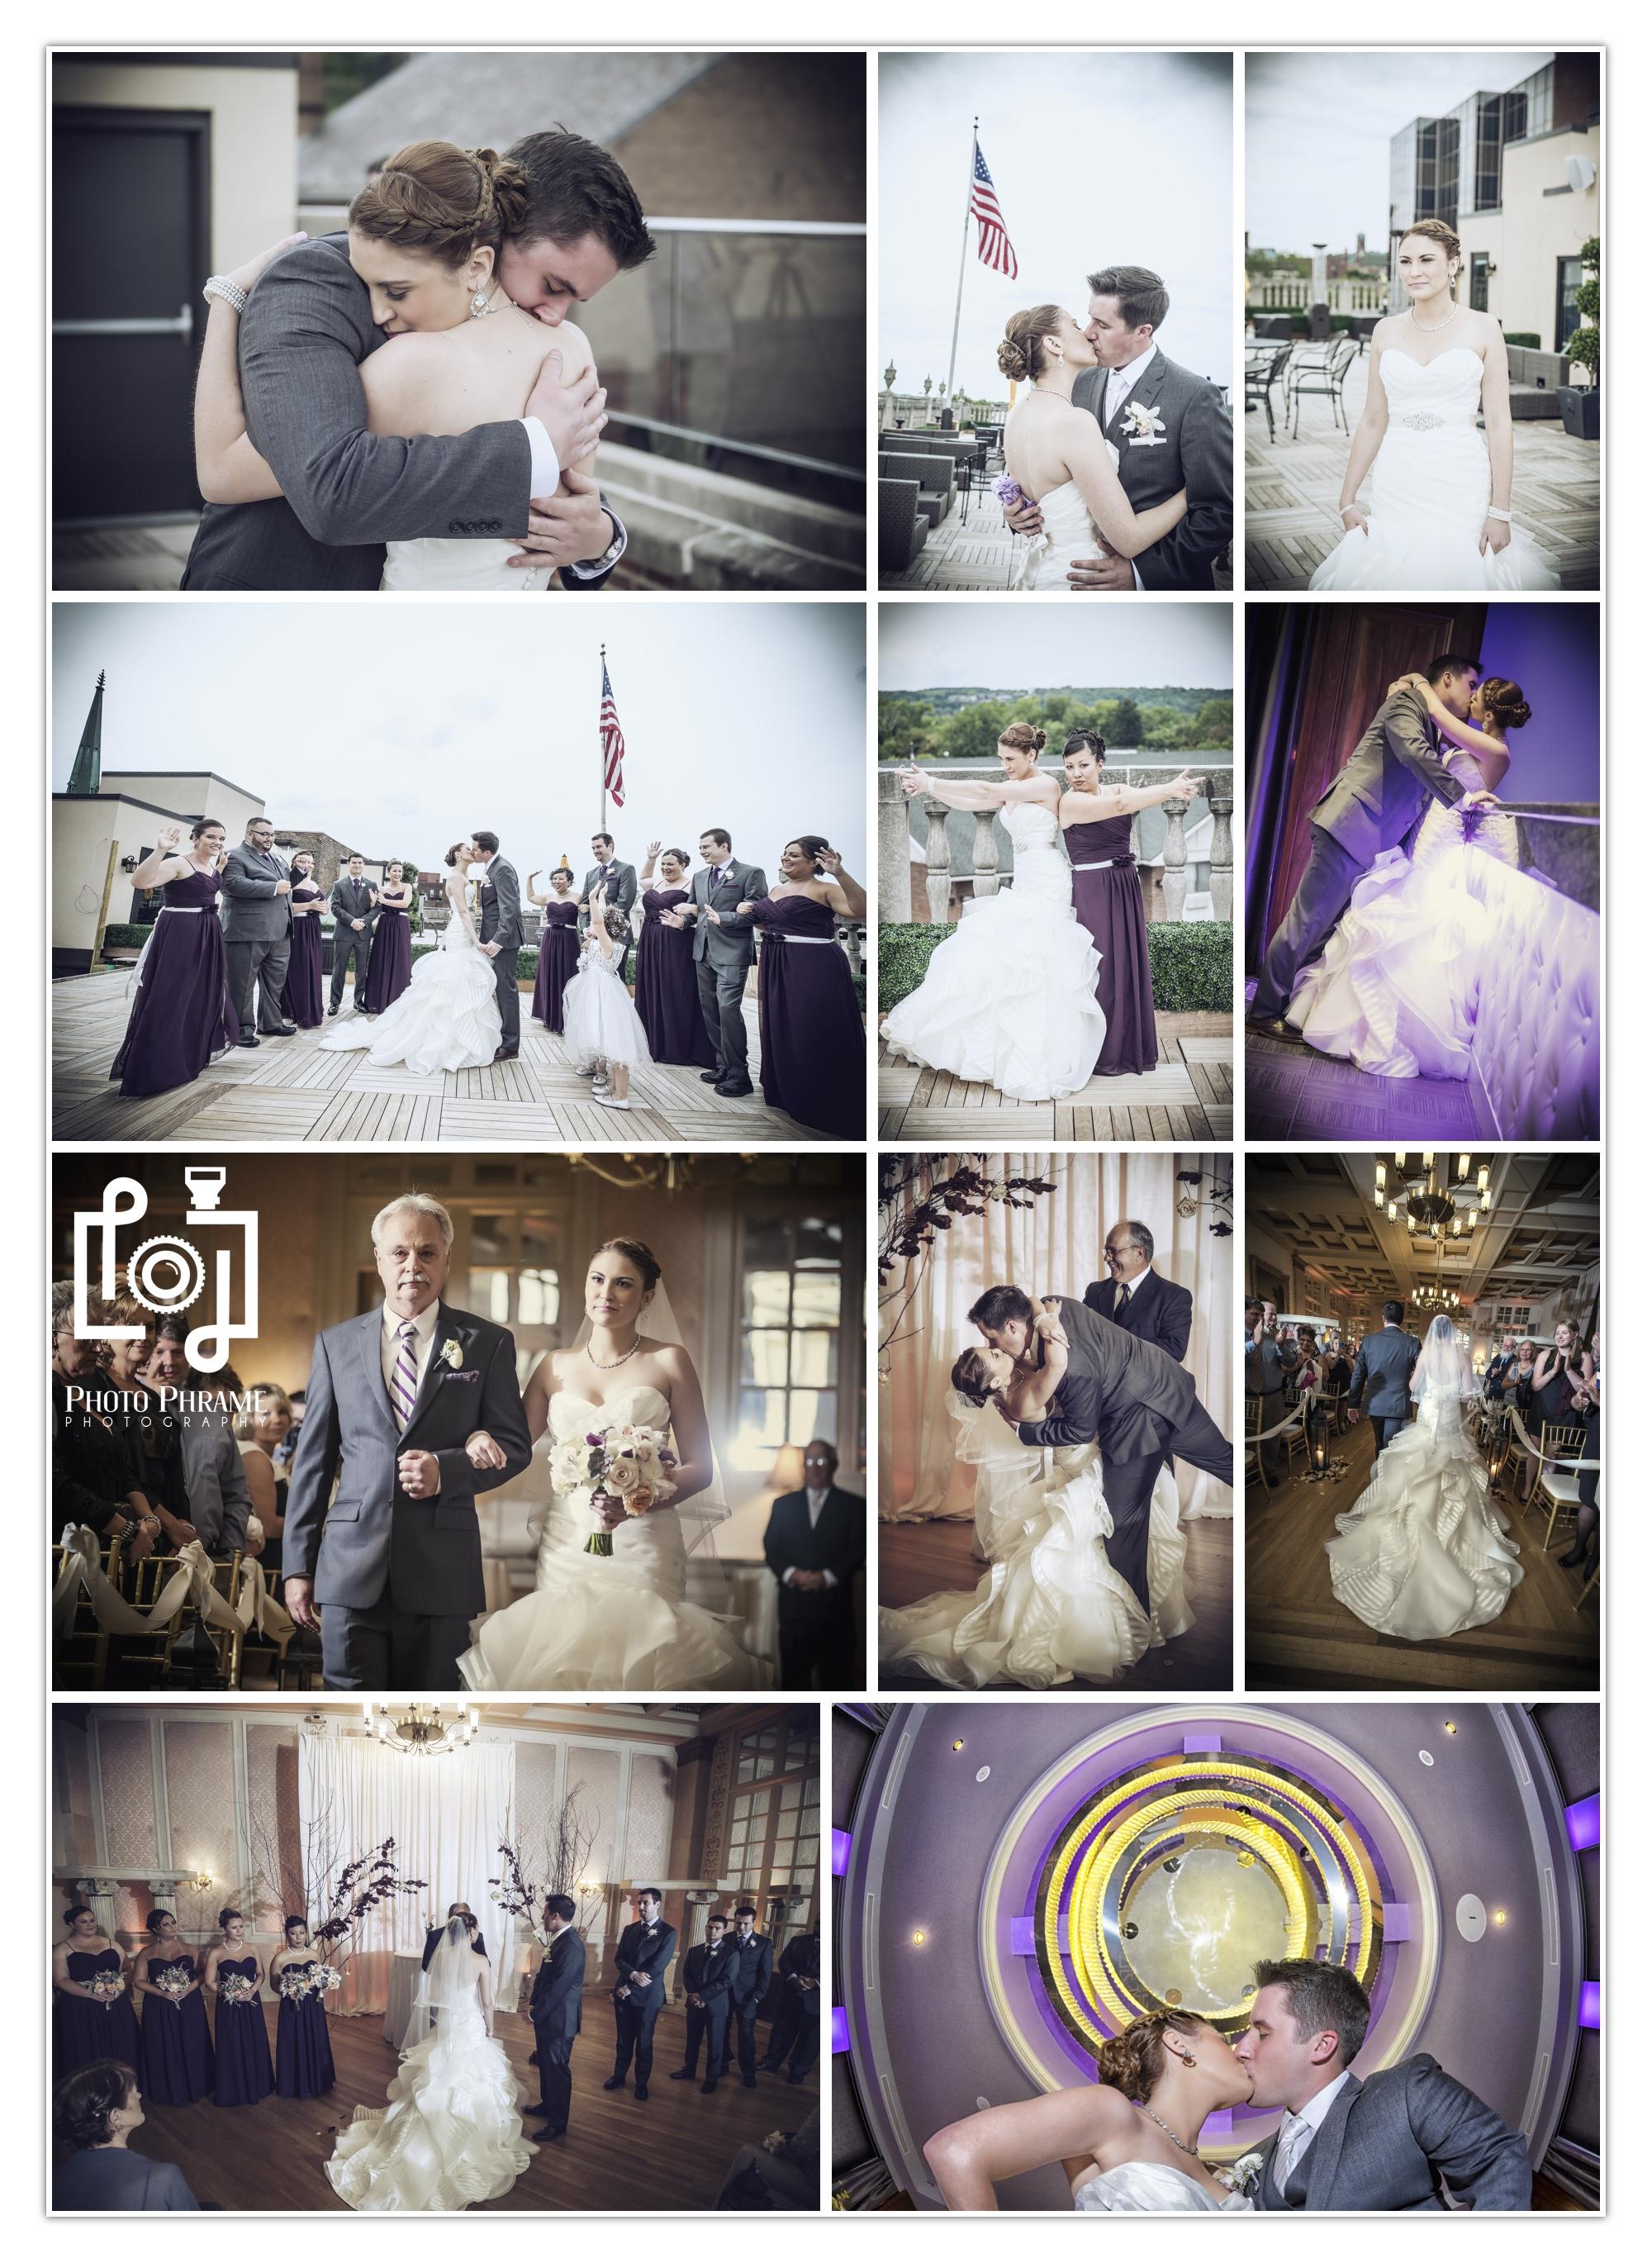 Magical Wedding Photography NY, NY